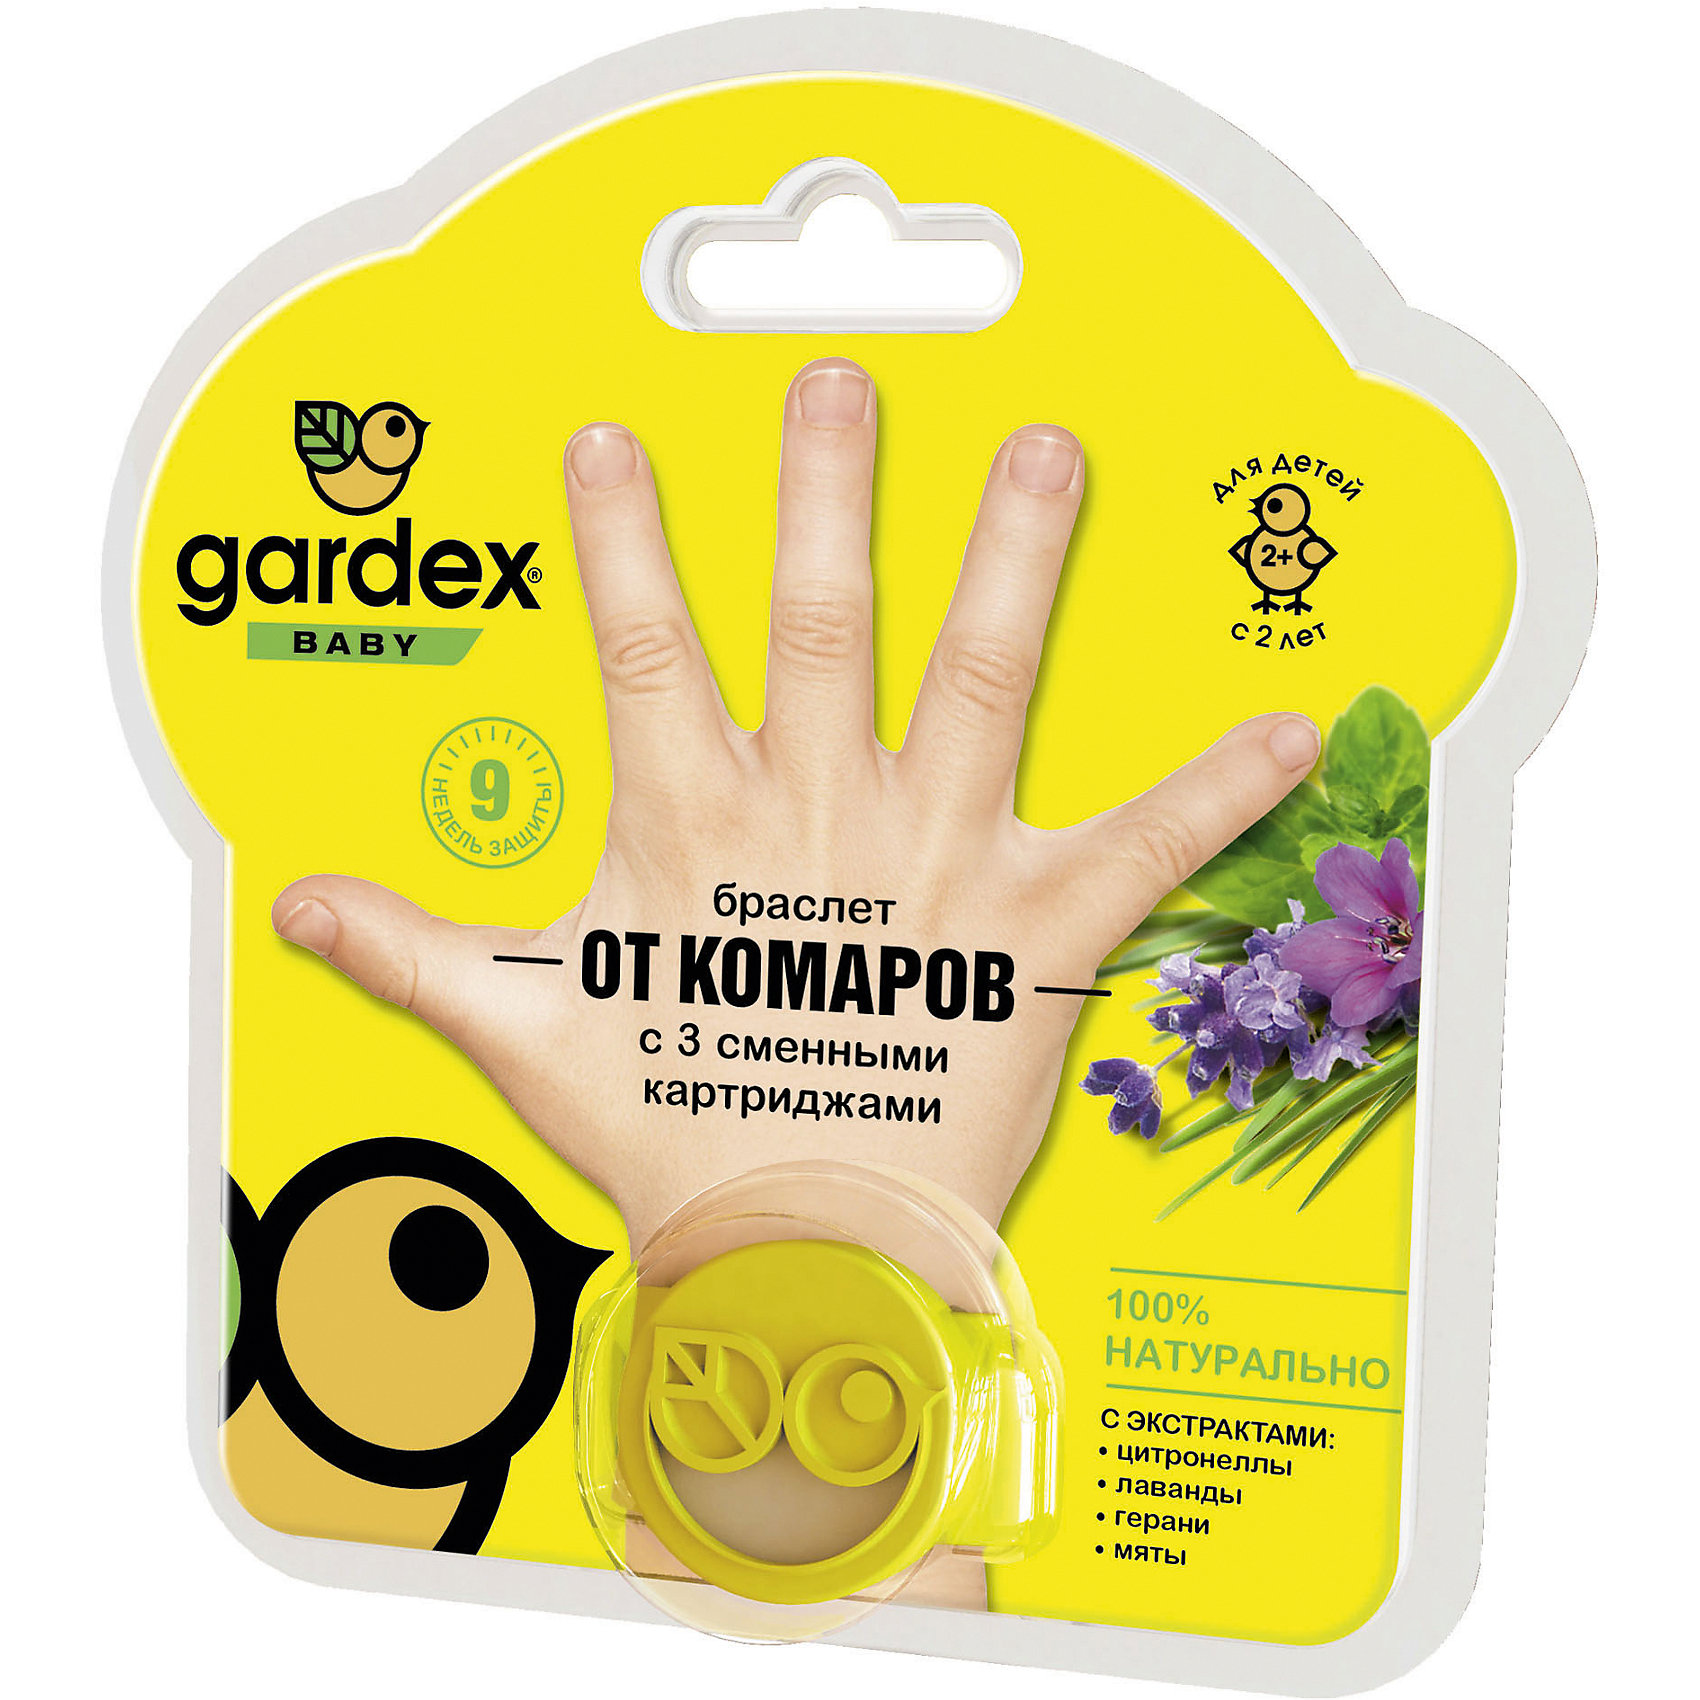 Браслет от комаров с картриджами, с 2-х лет, Gardex Baby